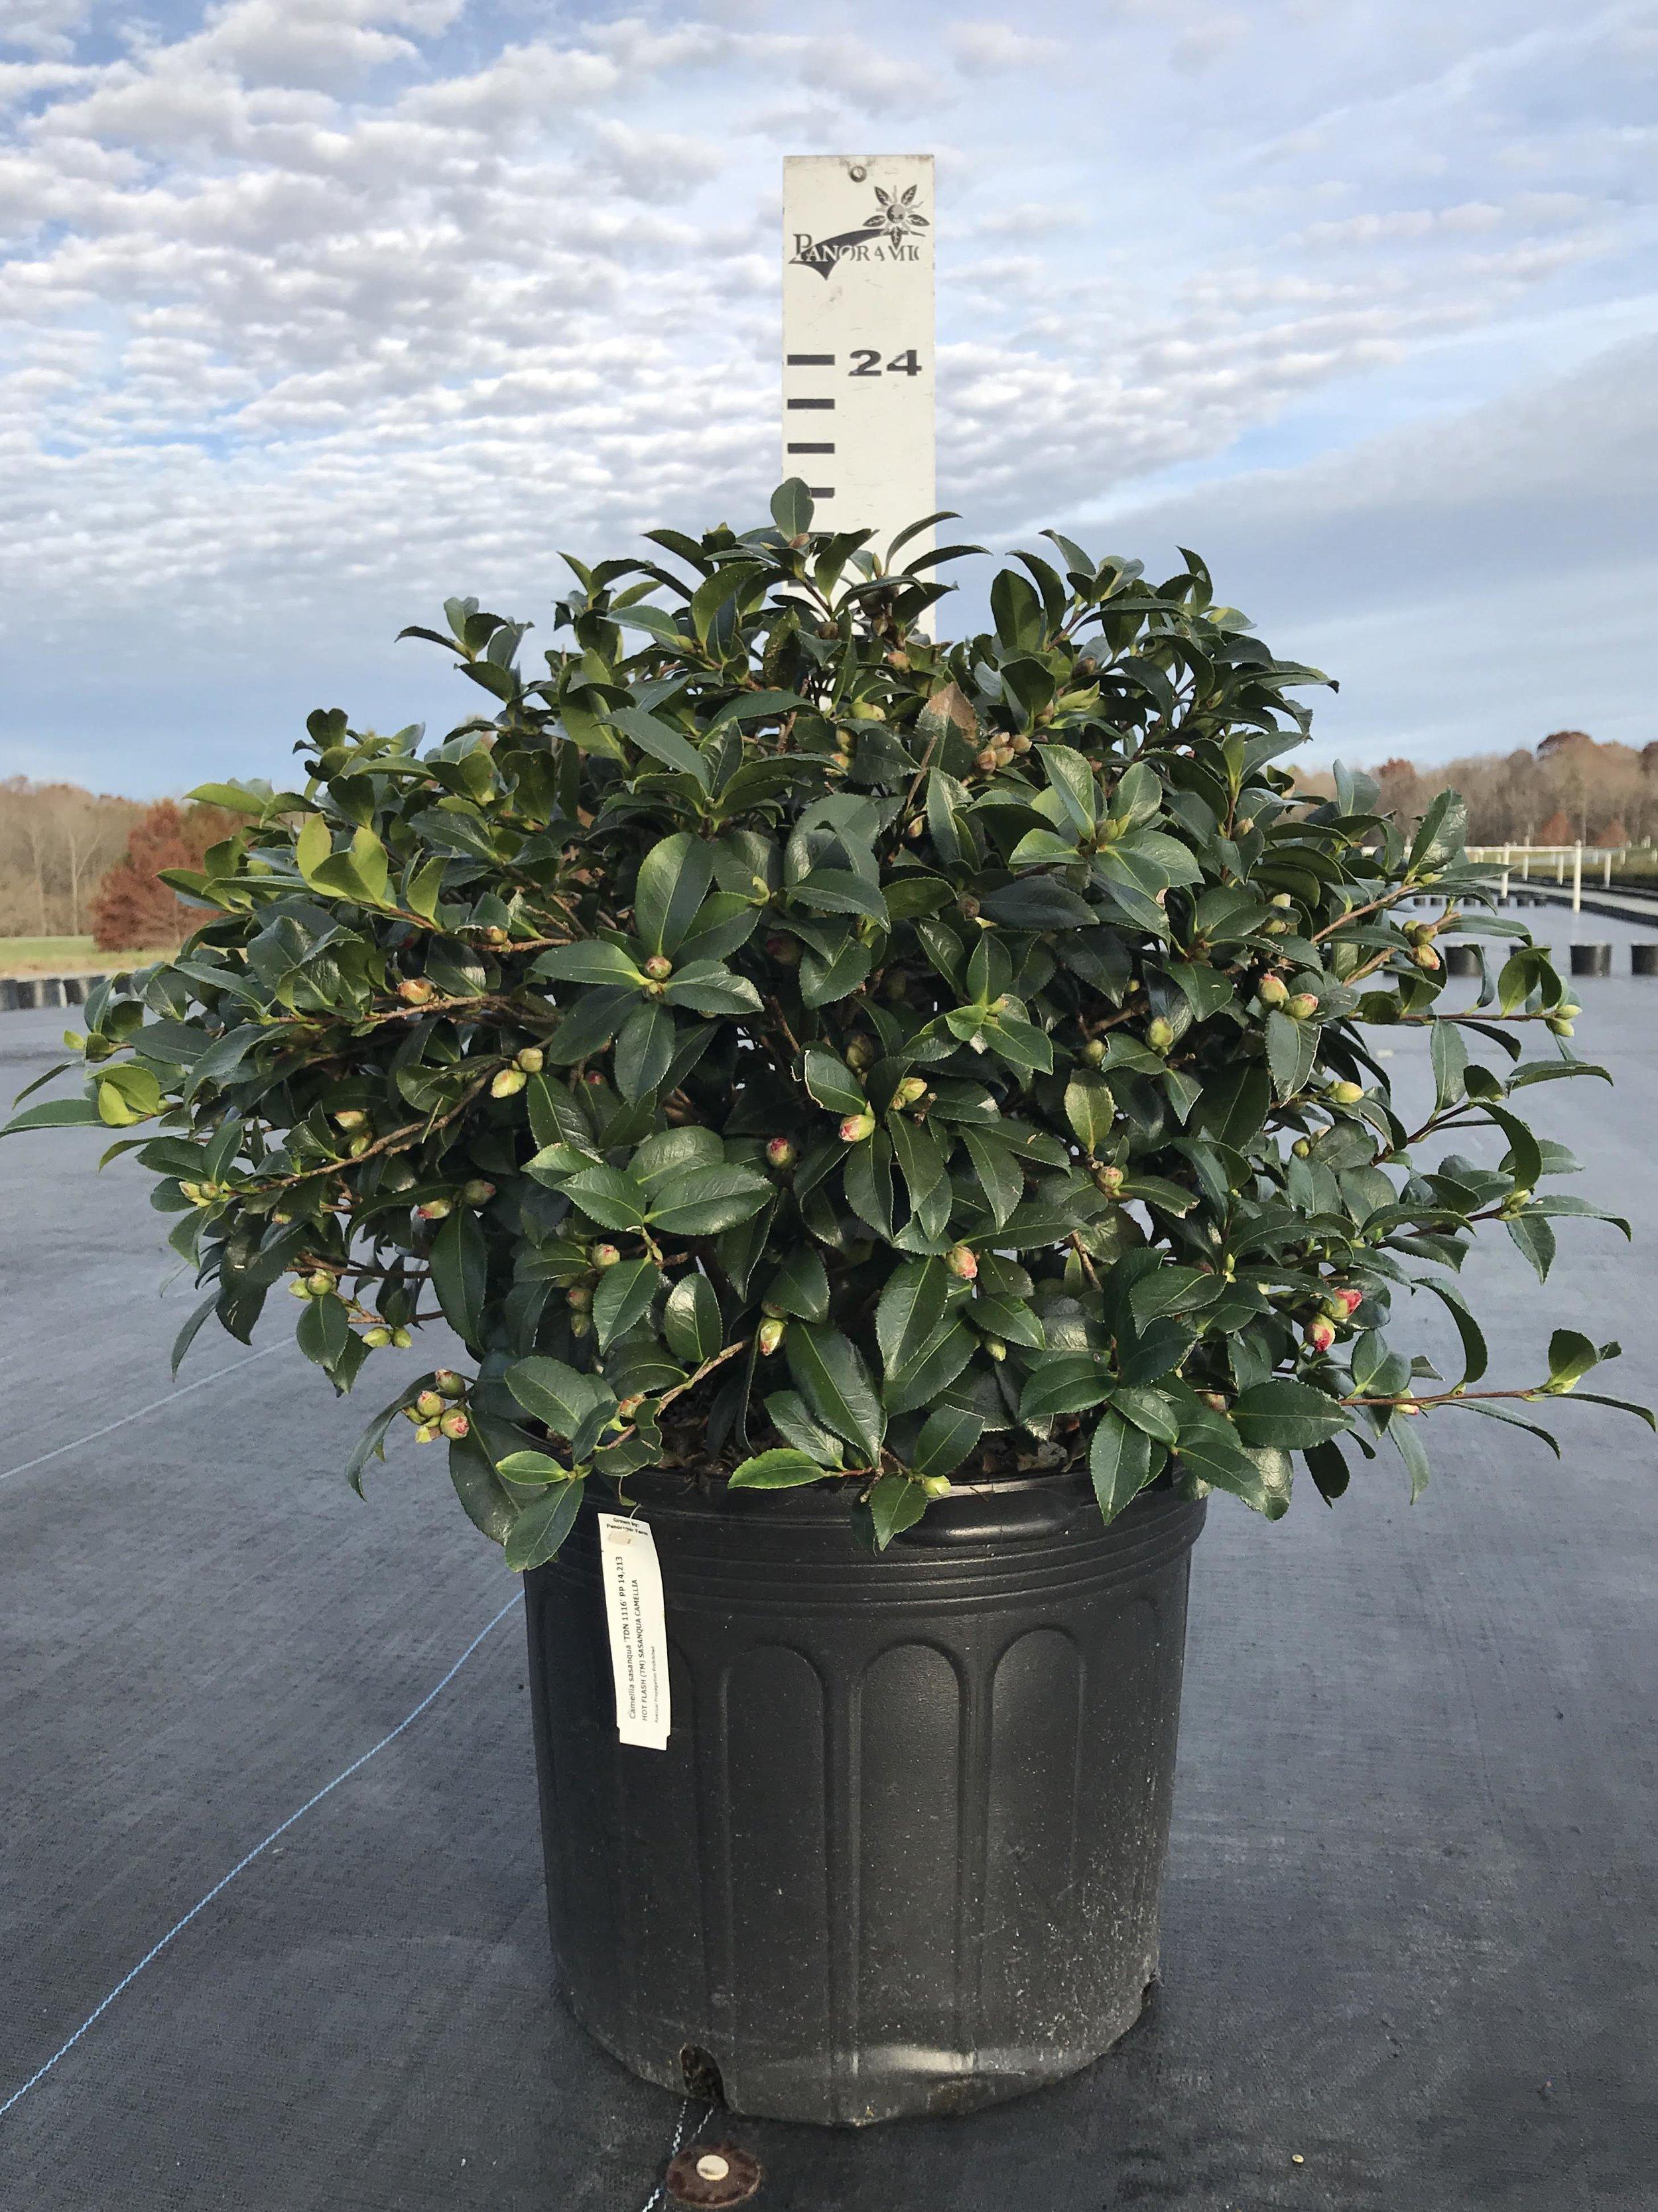 Camellia sasanqua 'Hot Flash' 7g